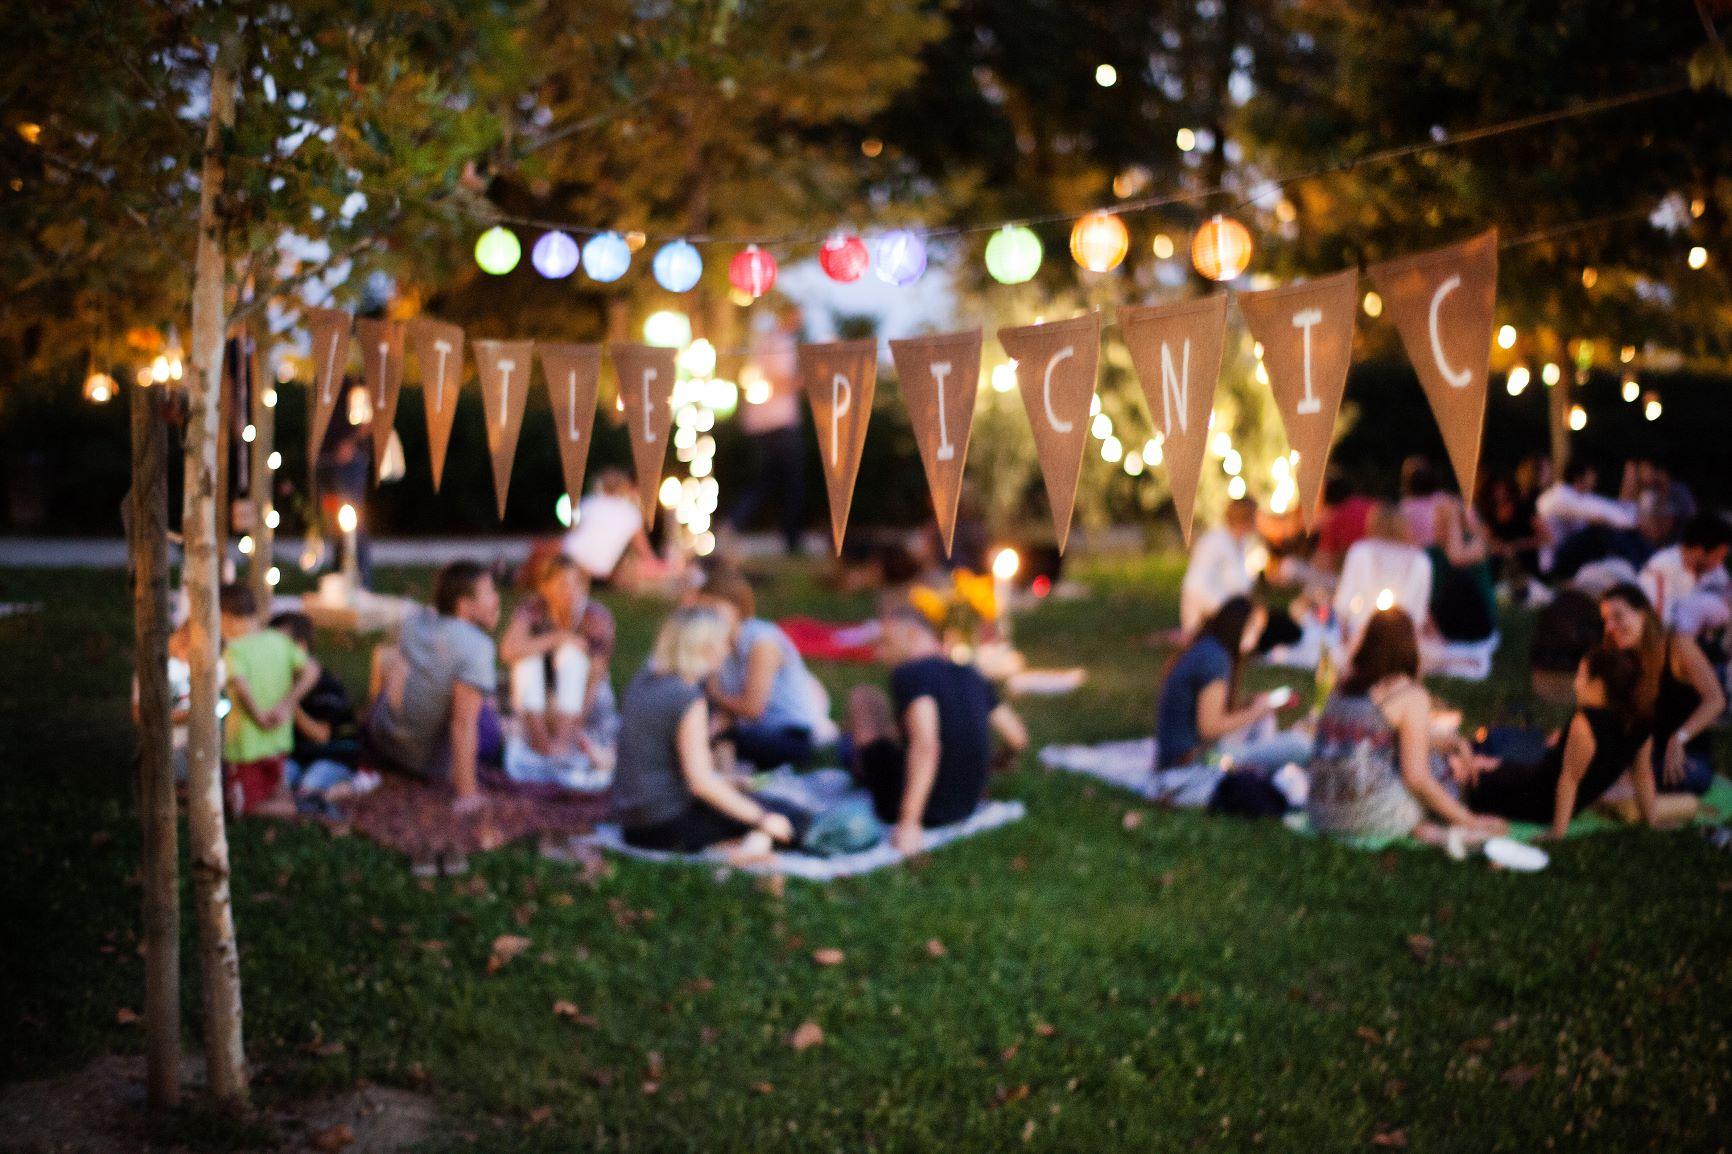 Ako vam je od svih piknika najdraži Mali piknik, ne propustite ga 22. i 23. te 29. i 30. kolovoza.